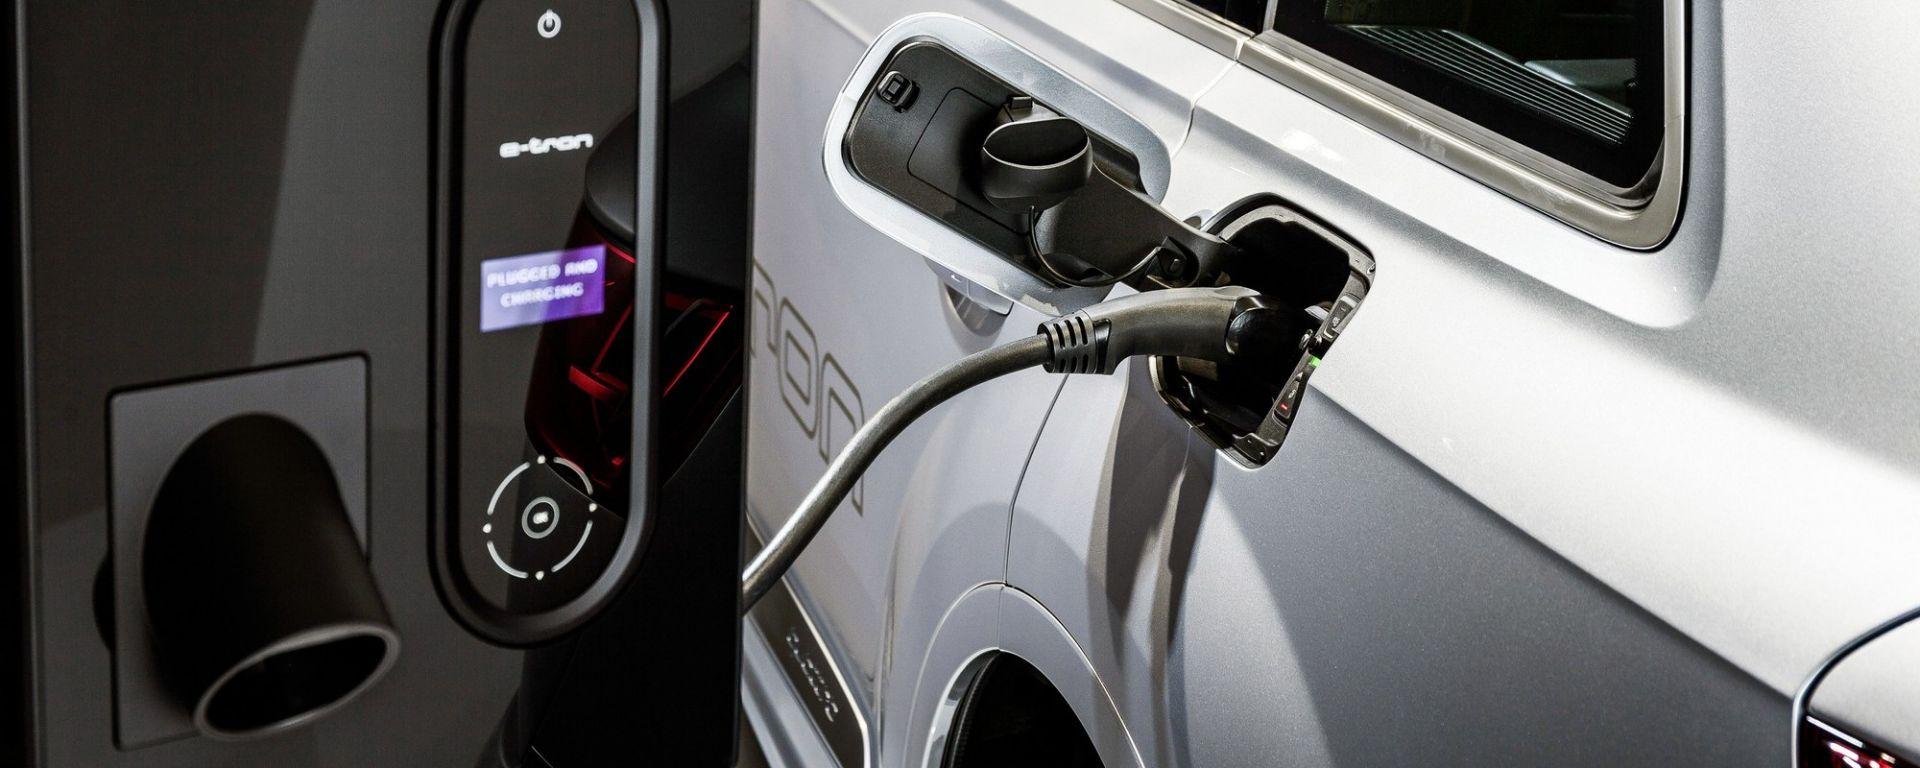 Audi Smart Energy Network, rete elettrica integrata per ricarica auto green